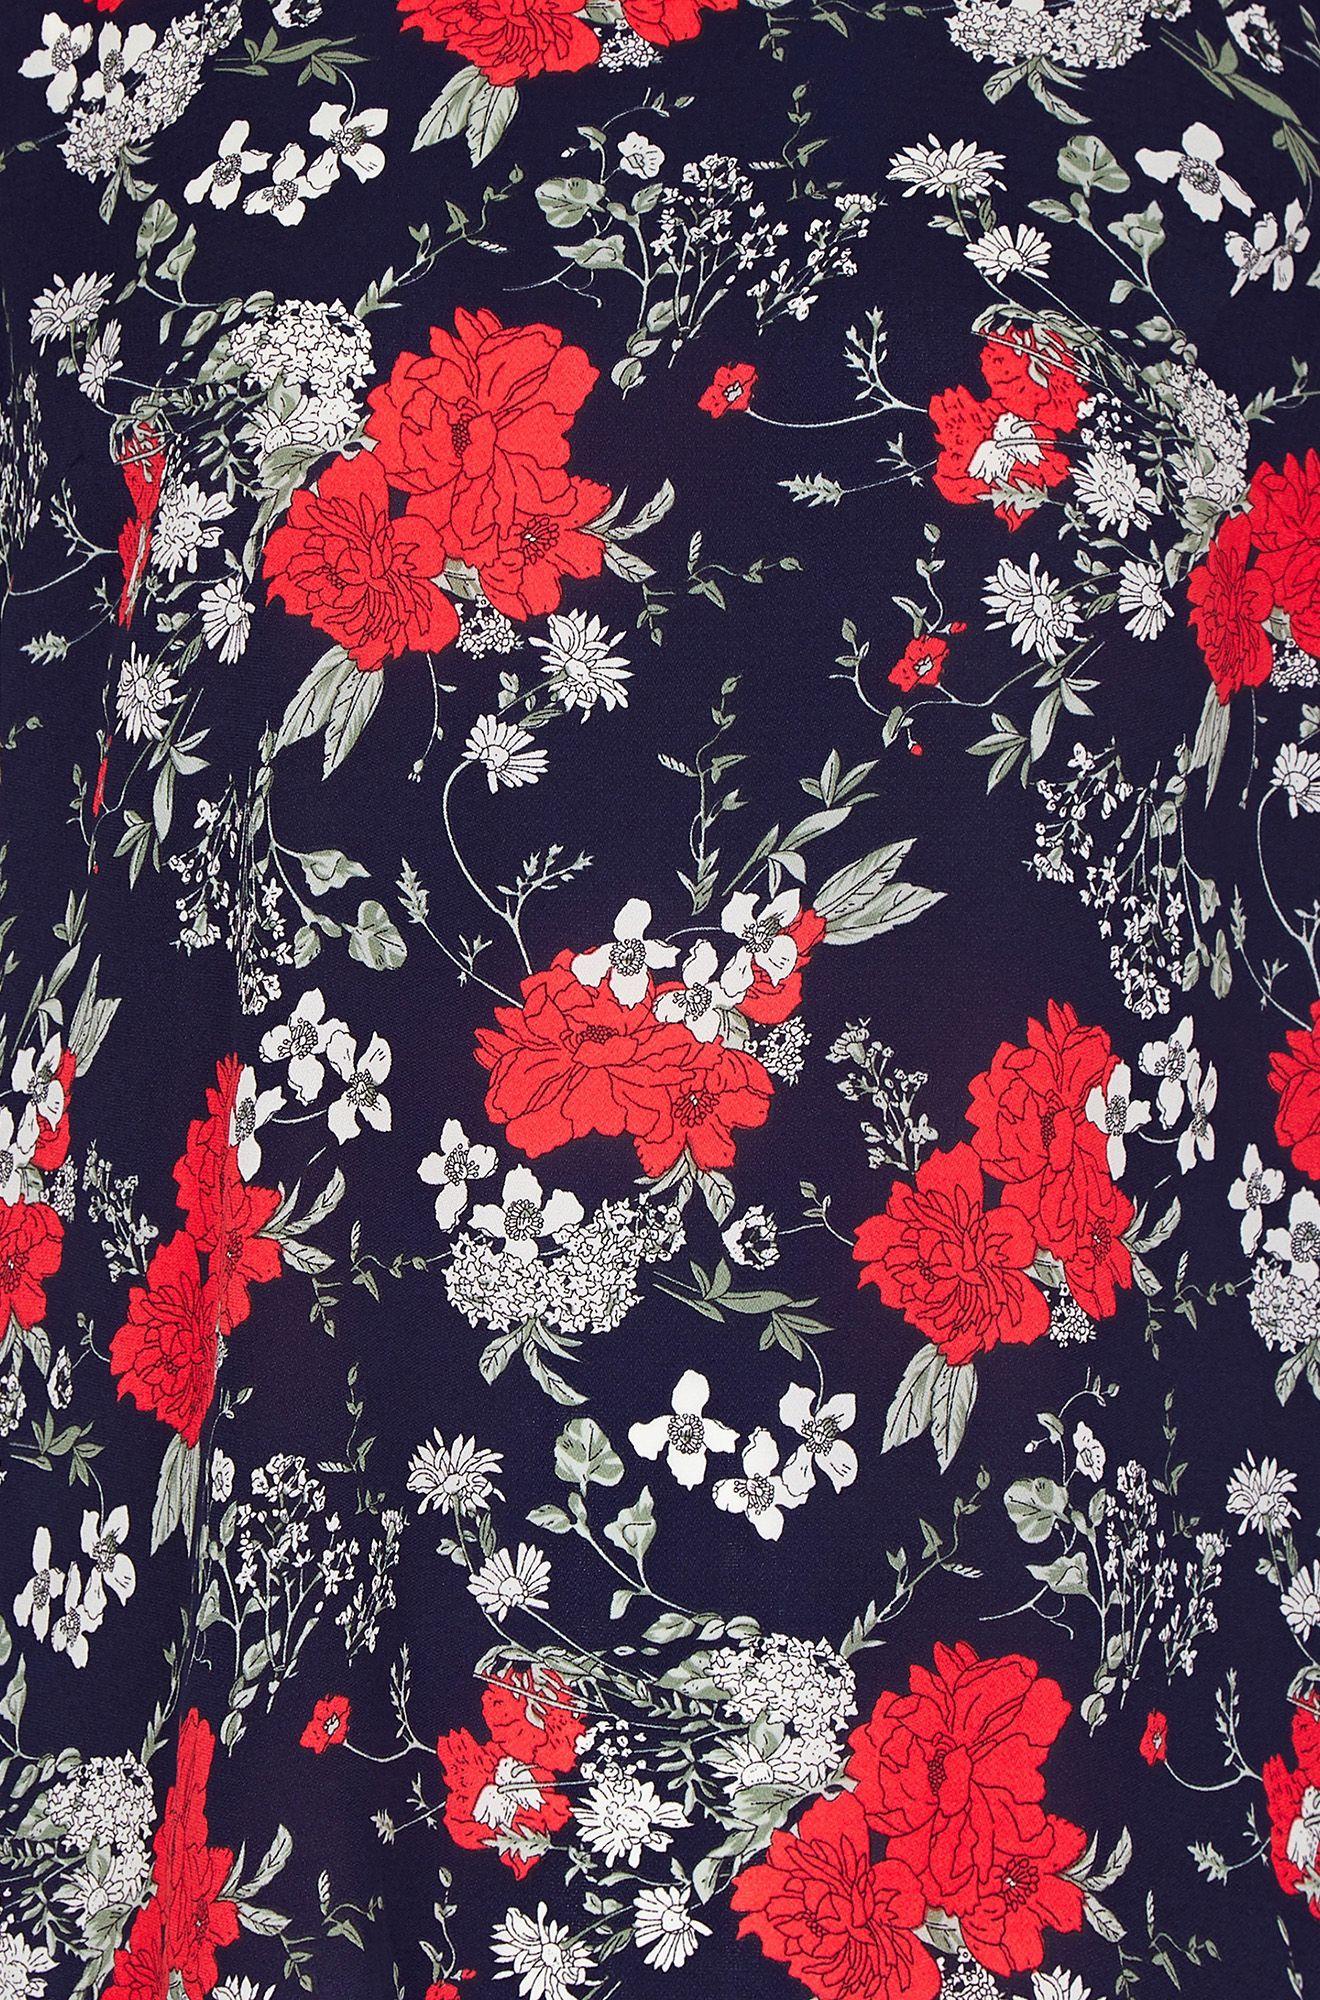 Navy Poppy Print Lace Back Top